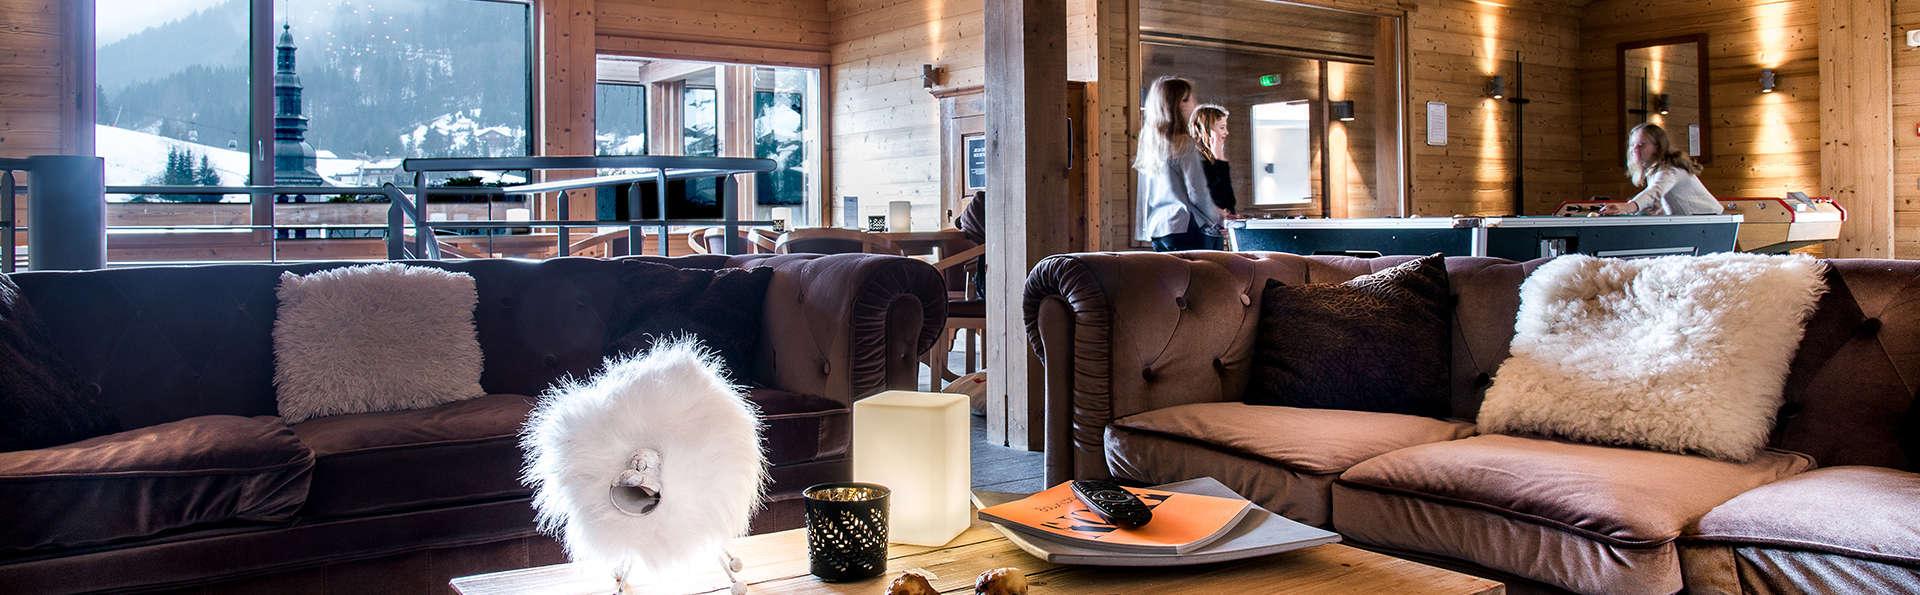 Résidence - Les Grandes Alpes - Edit_Lobby.jpg